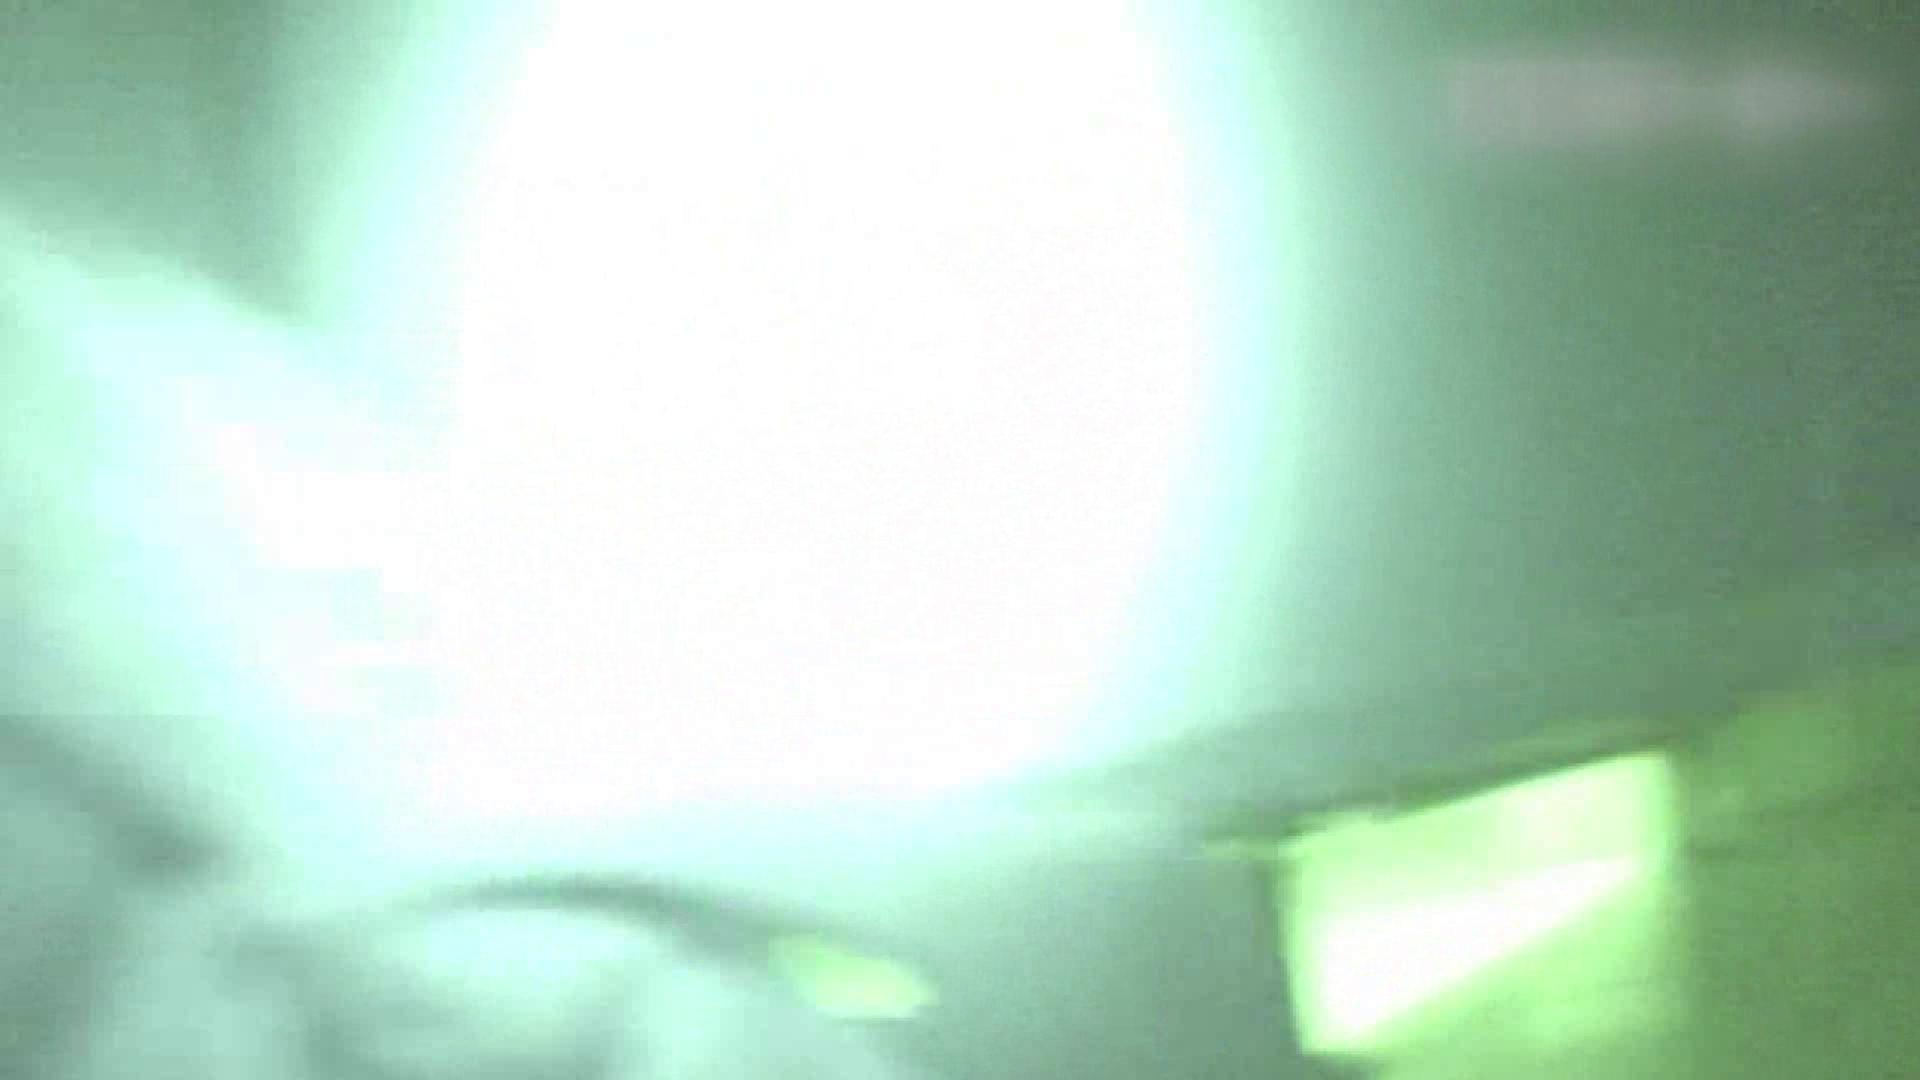 ロックハンドさんの盗撮記録File.11 マンコ・ムレムレ ぱこり動画紹介 102pic 68